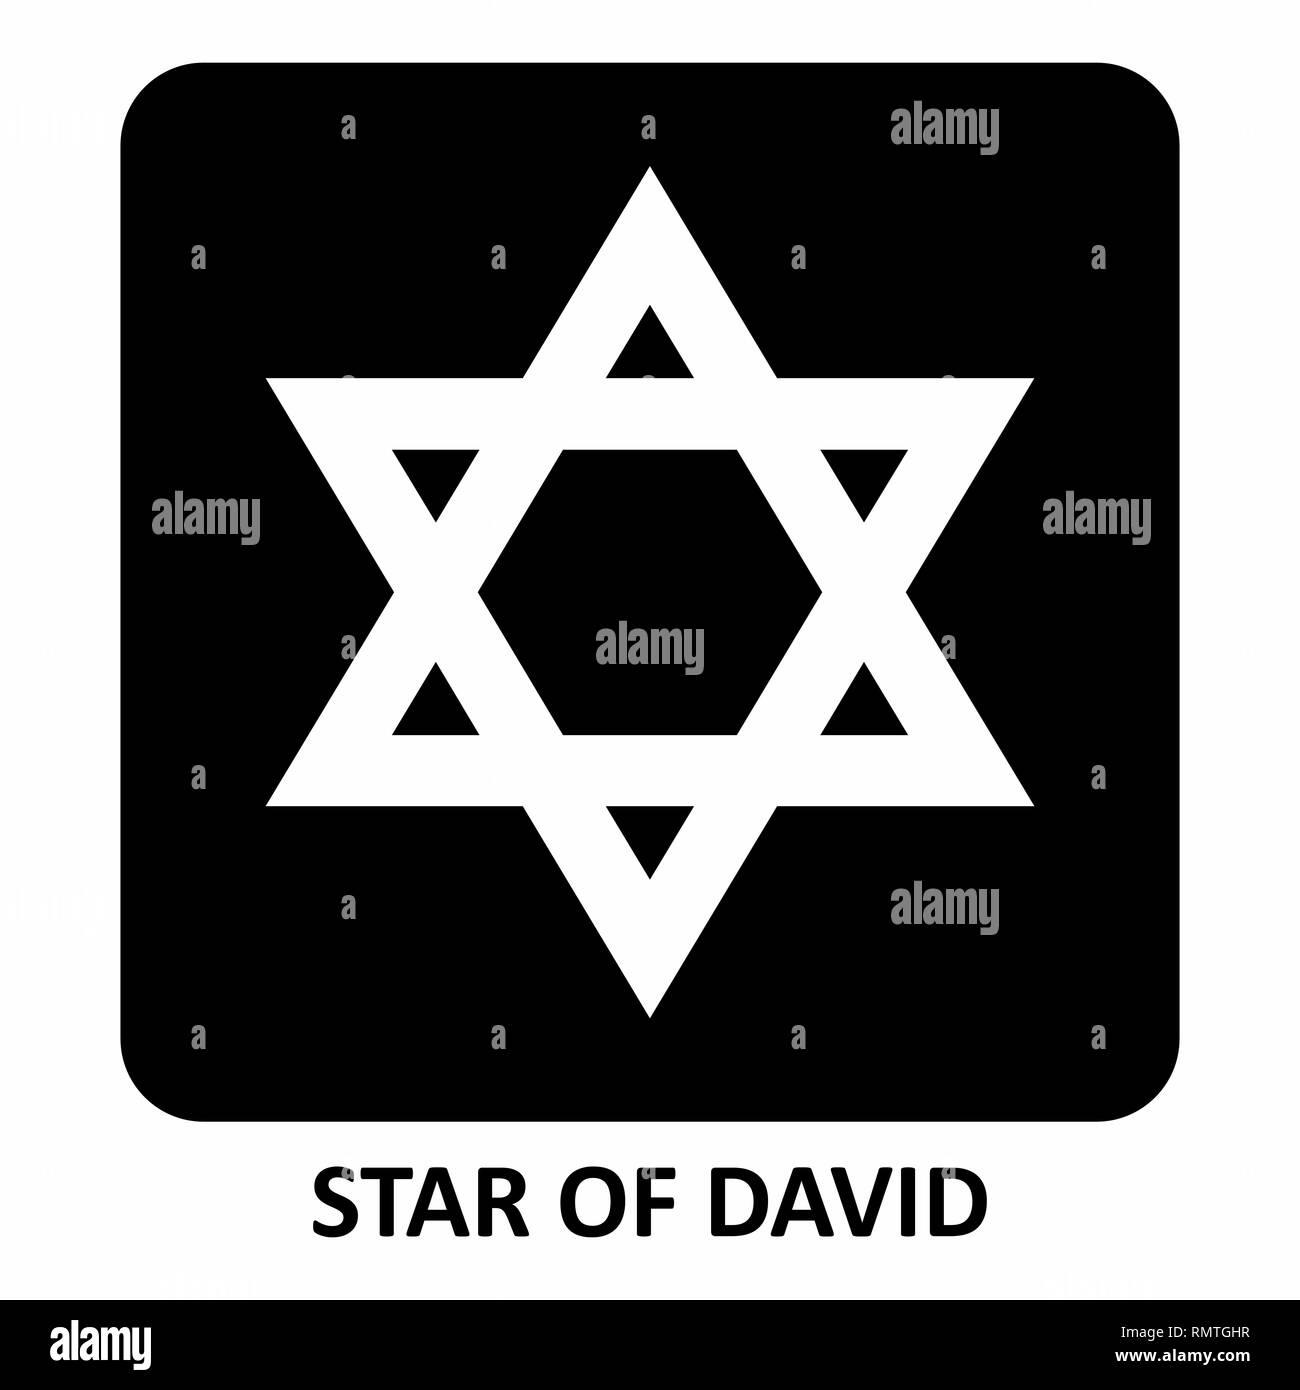 Star of David illustration - Stock Vector